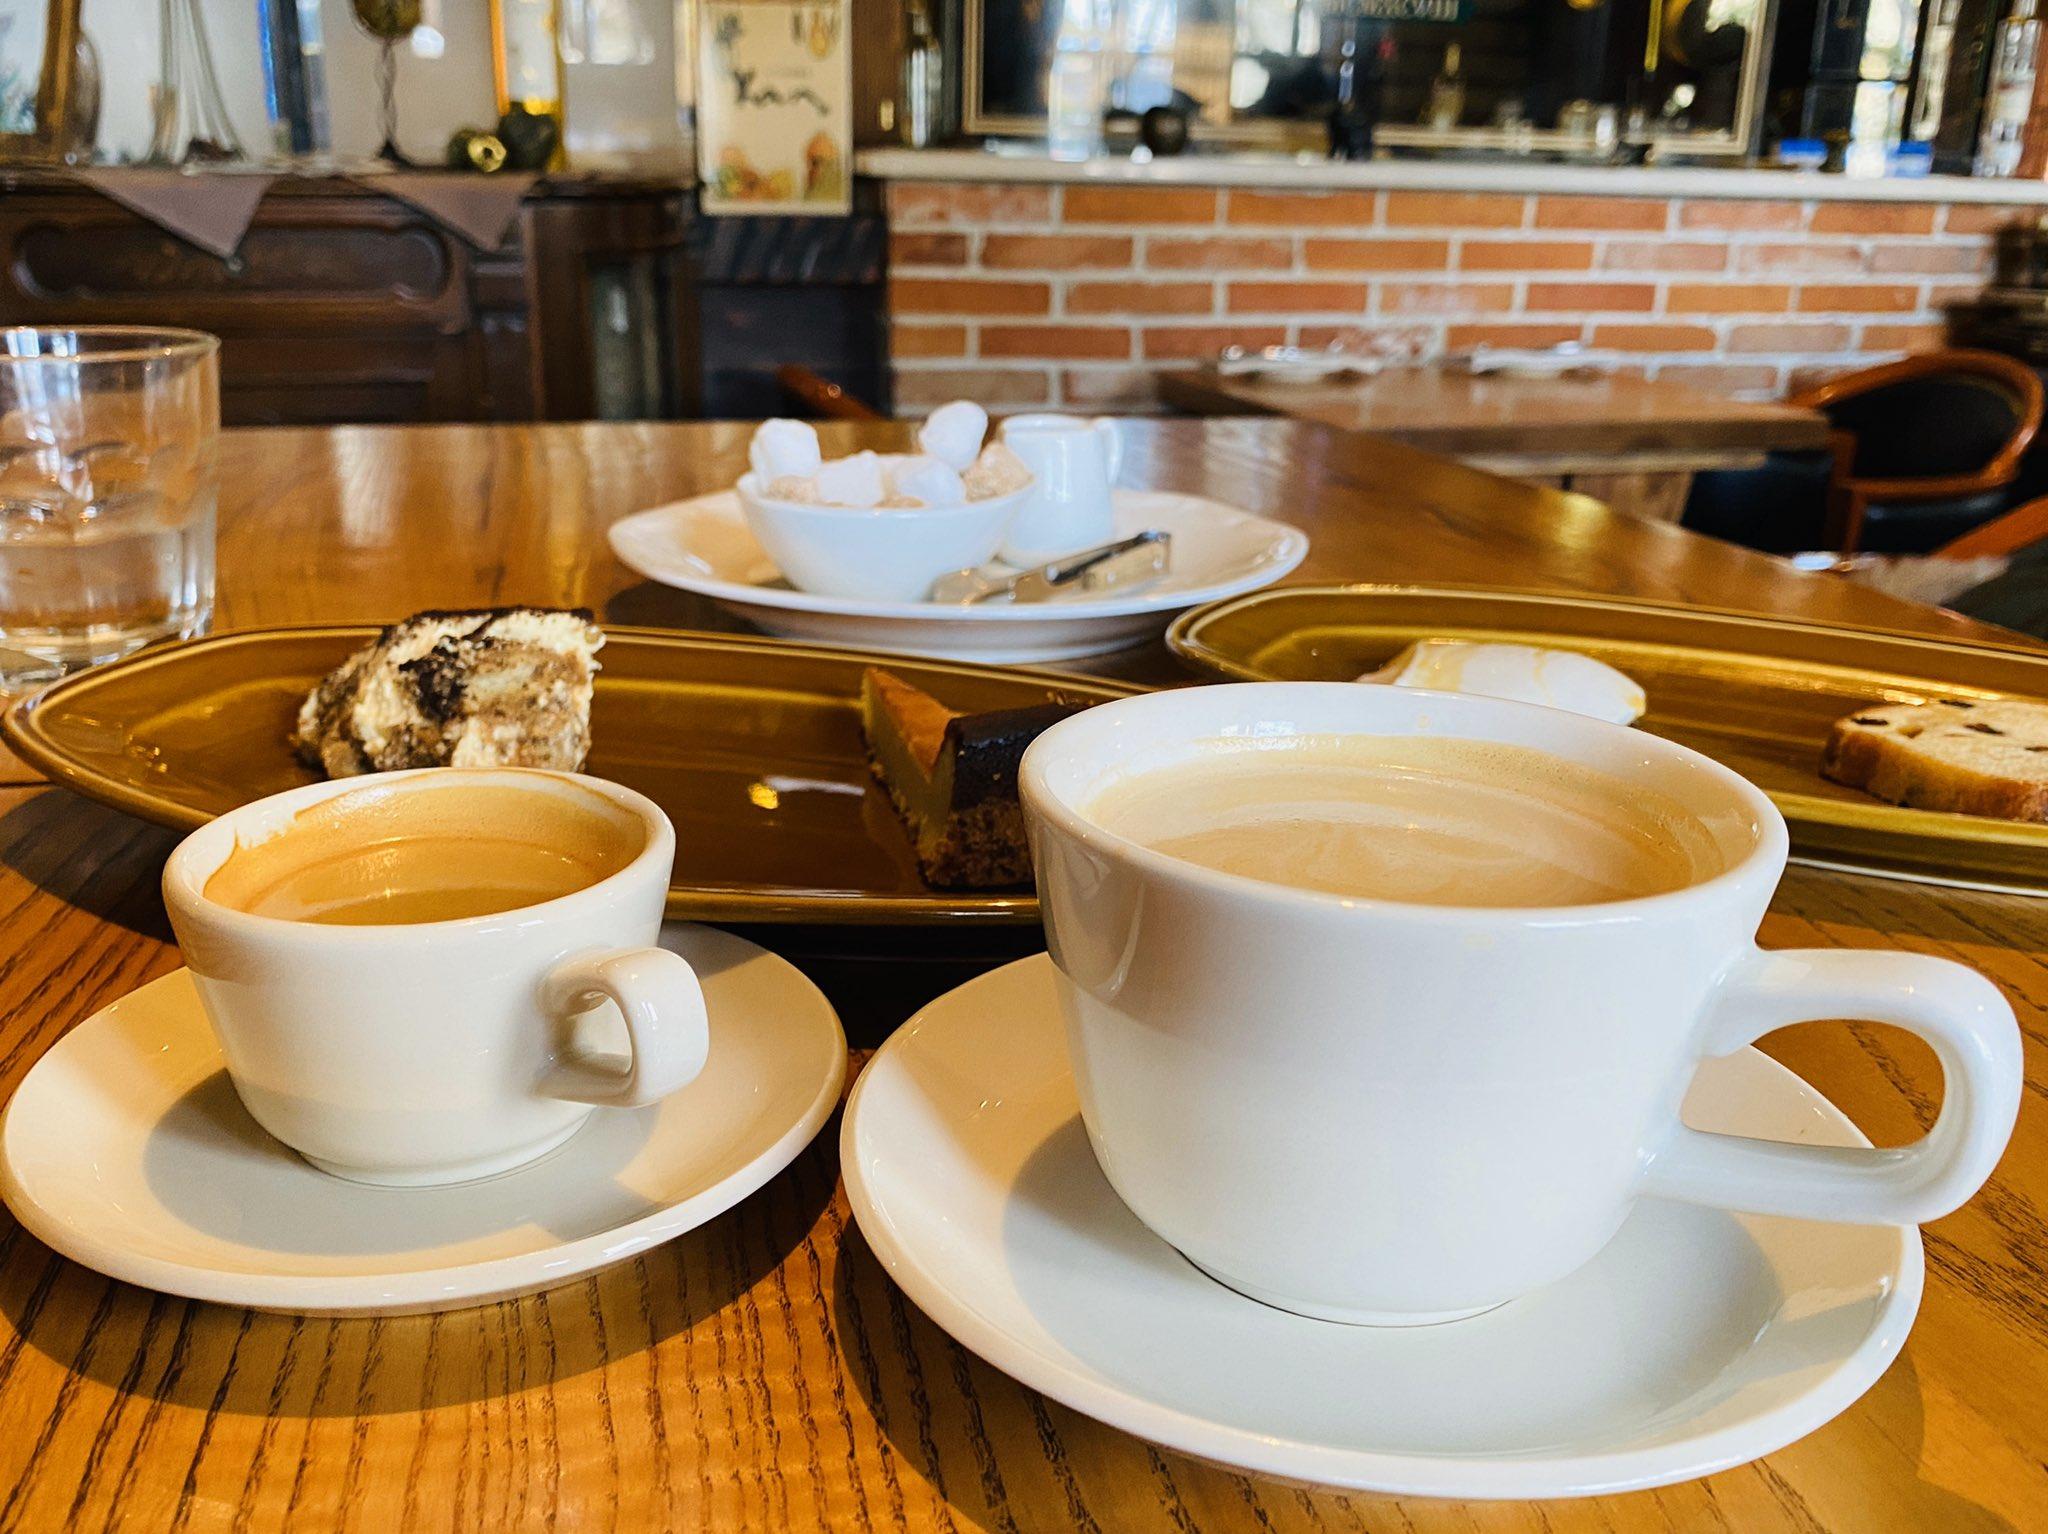 エスプレッソ VS コーヒー https://t.co/nlXXMPcAiO